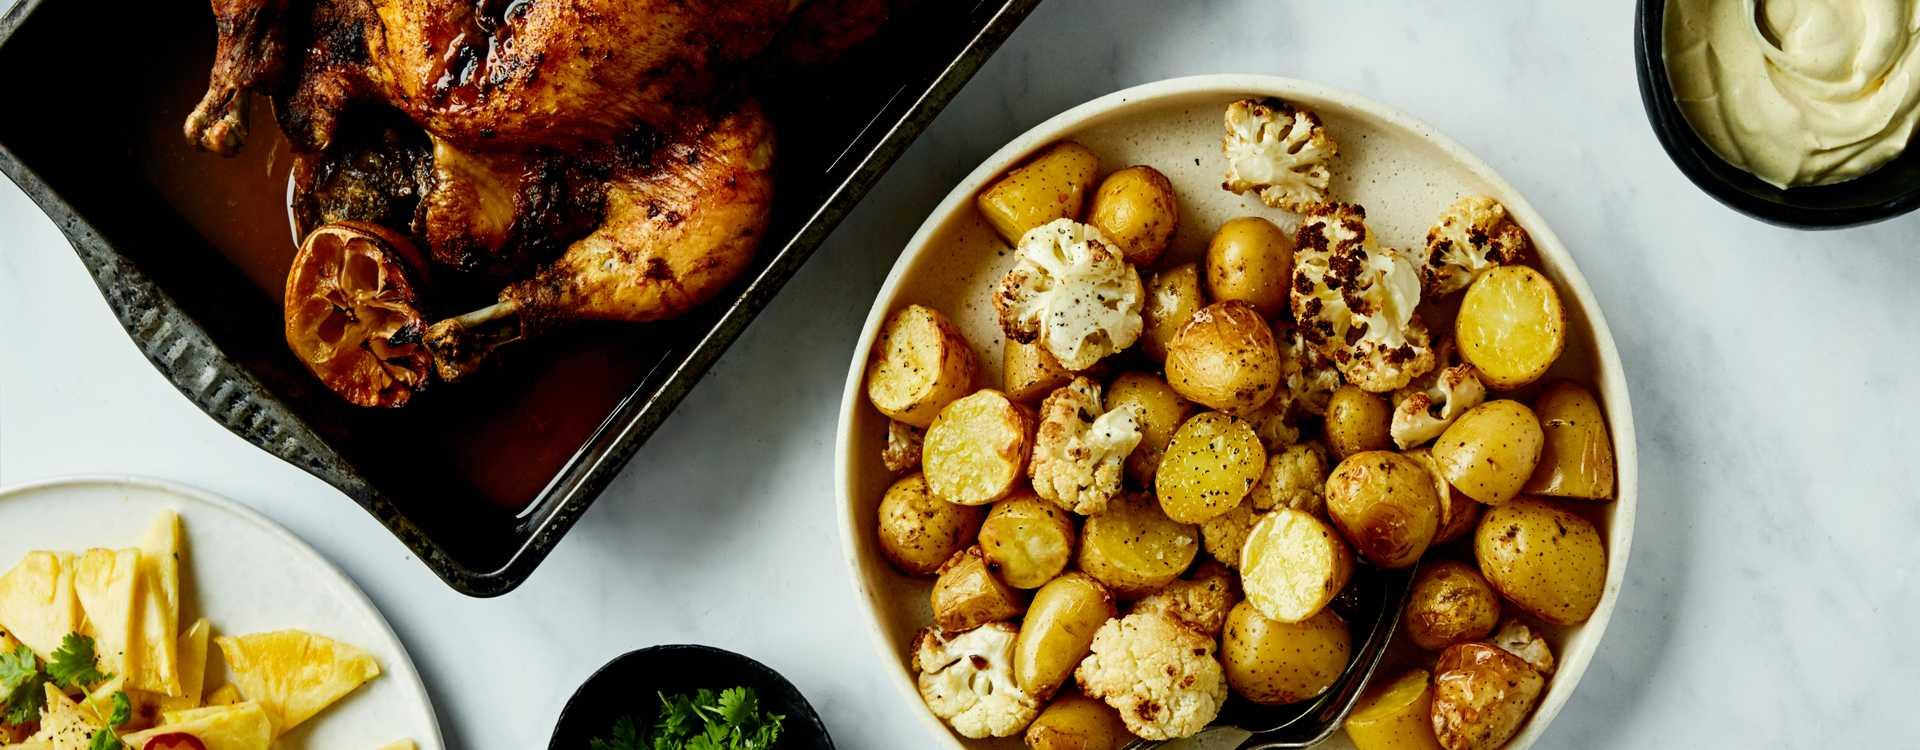 Helstekt tikkakylling med bakte poteter, blomkål og ananassalat